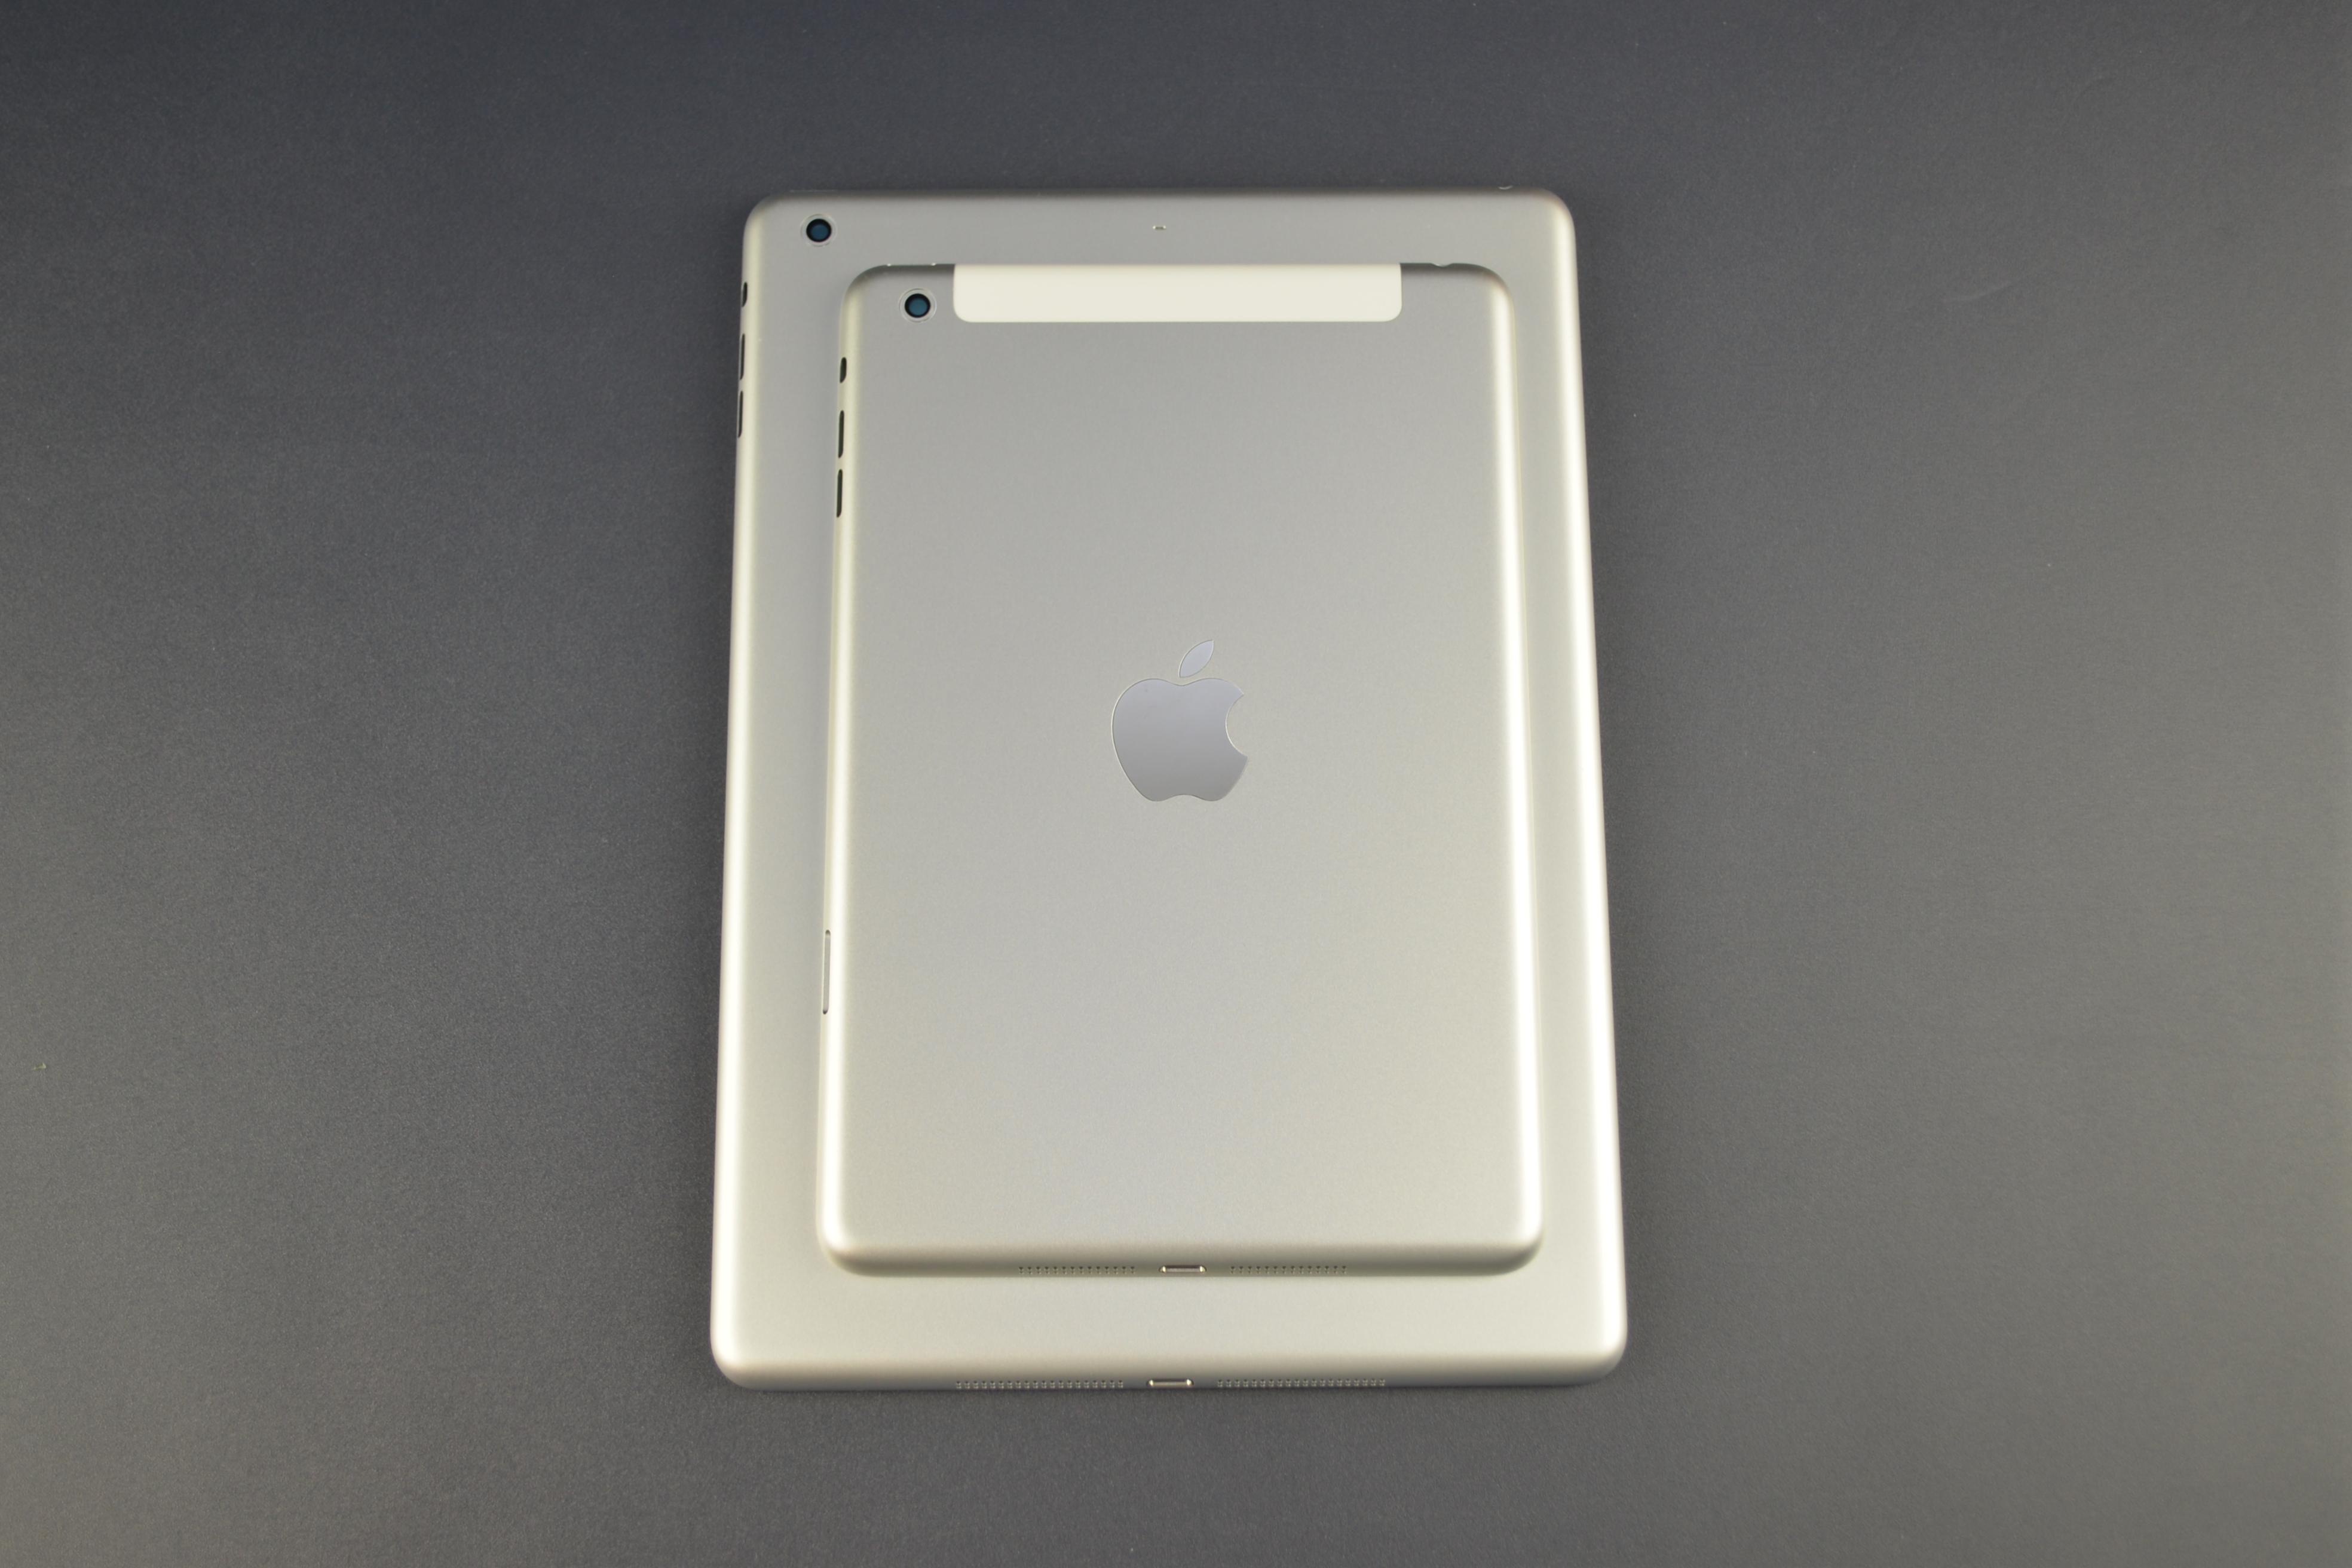 Apple-iPad-5-vs-iPad-mini-2-08